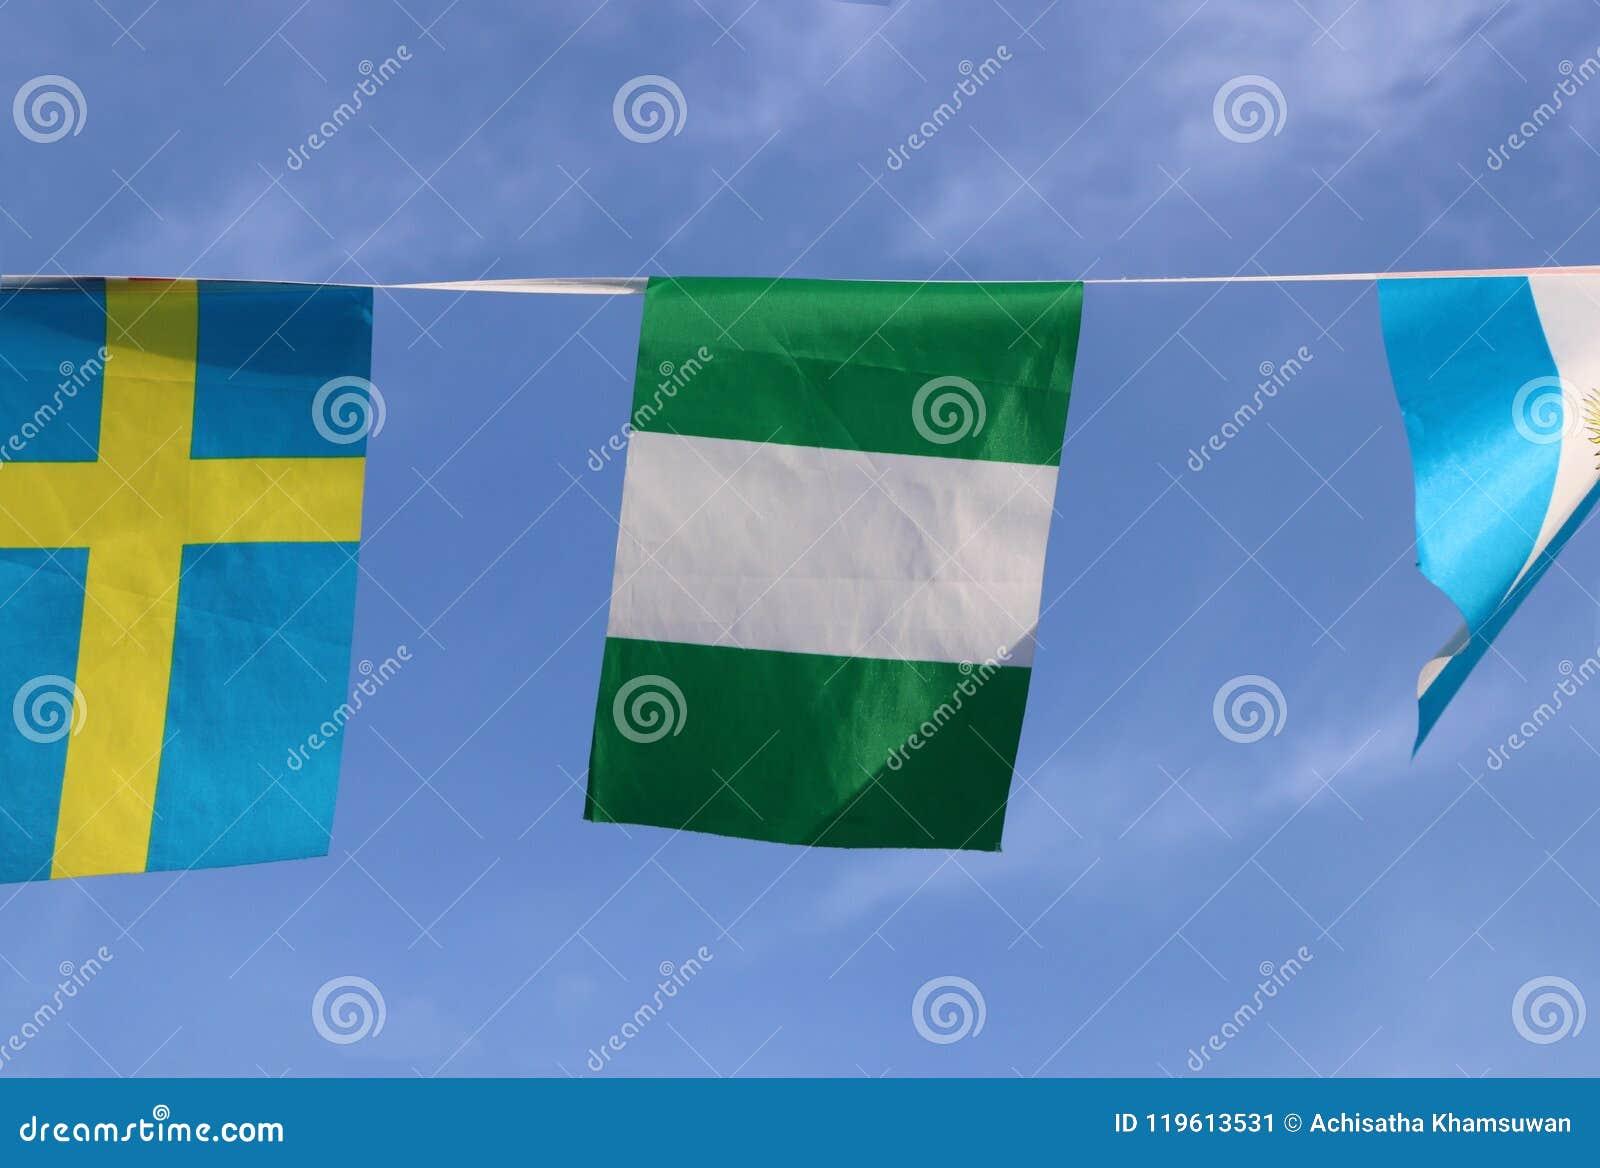 La mini bandera del carril de la tela de Nigeria, la bandera tiene tres bandas verticales de verde, blancas, verde